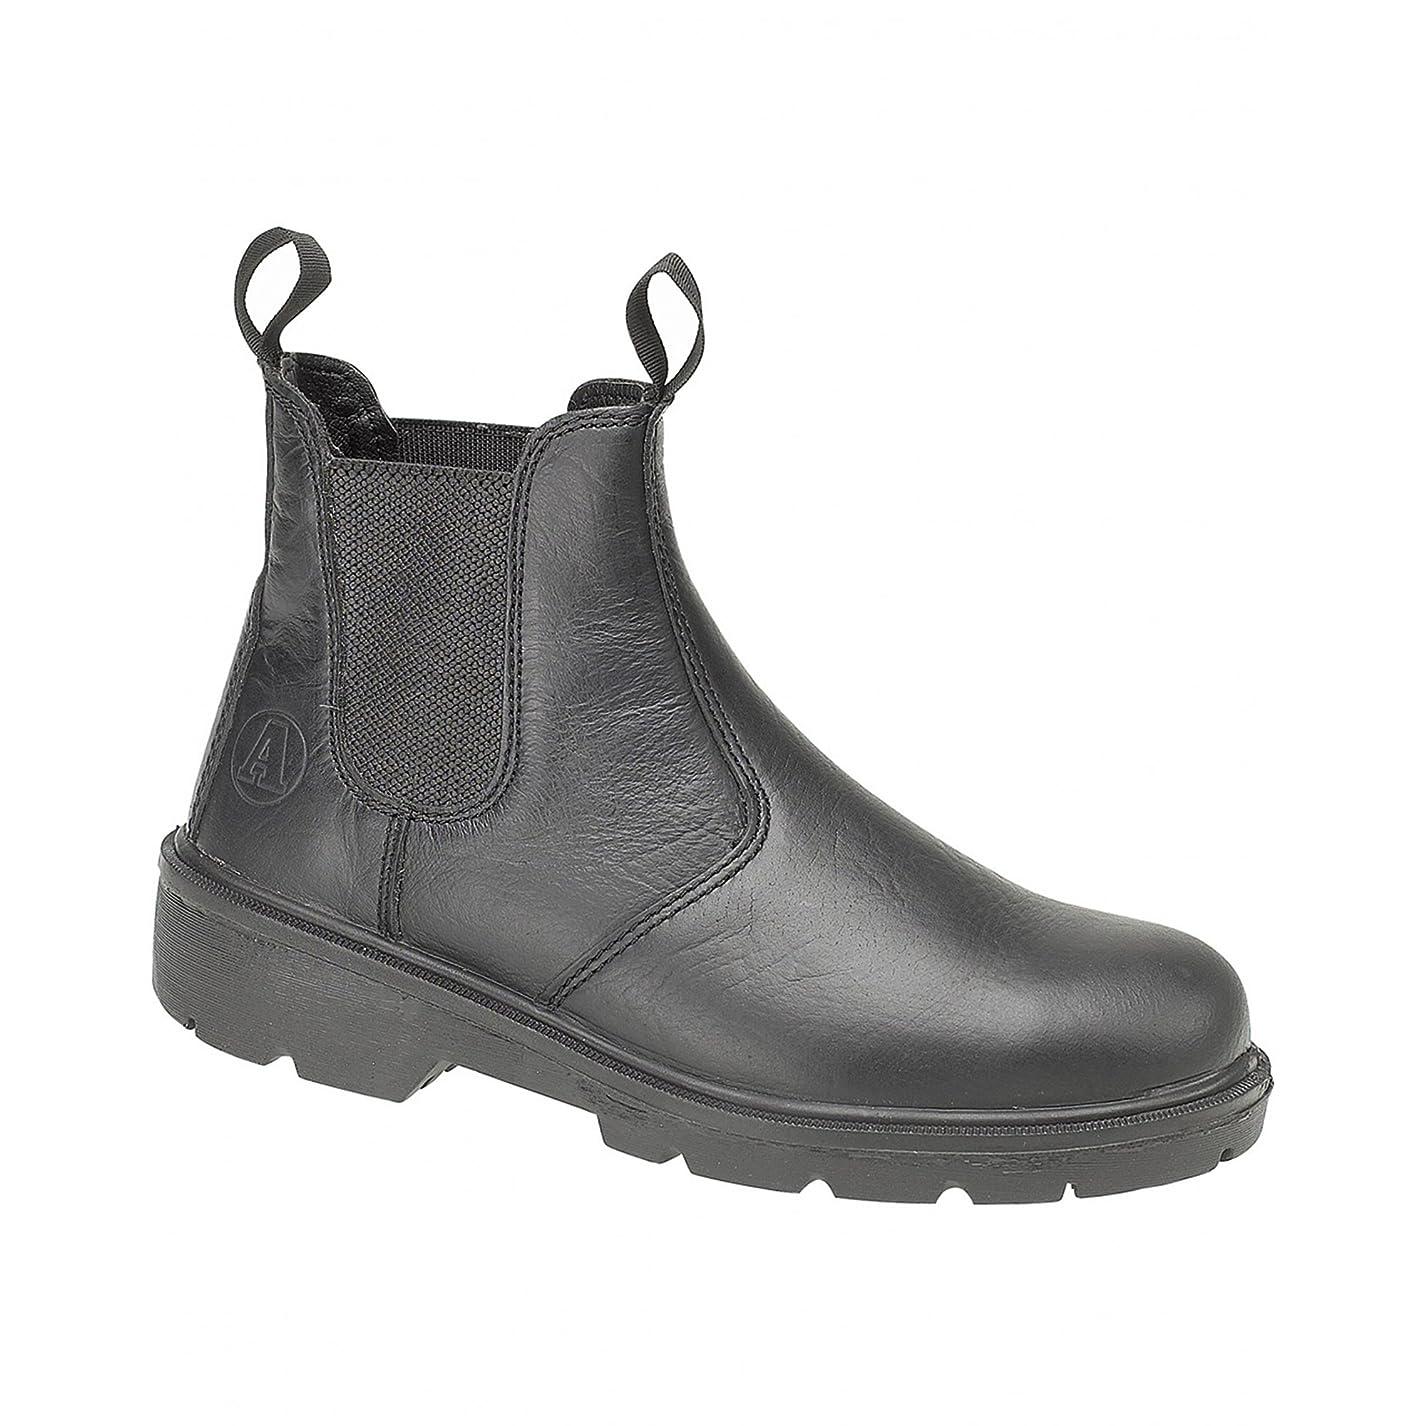 医薬ひばりケーブルMens FS116 Dual Density Pull on Safety Dealer Boot Black Size UK 8 EU 42